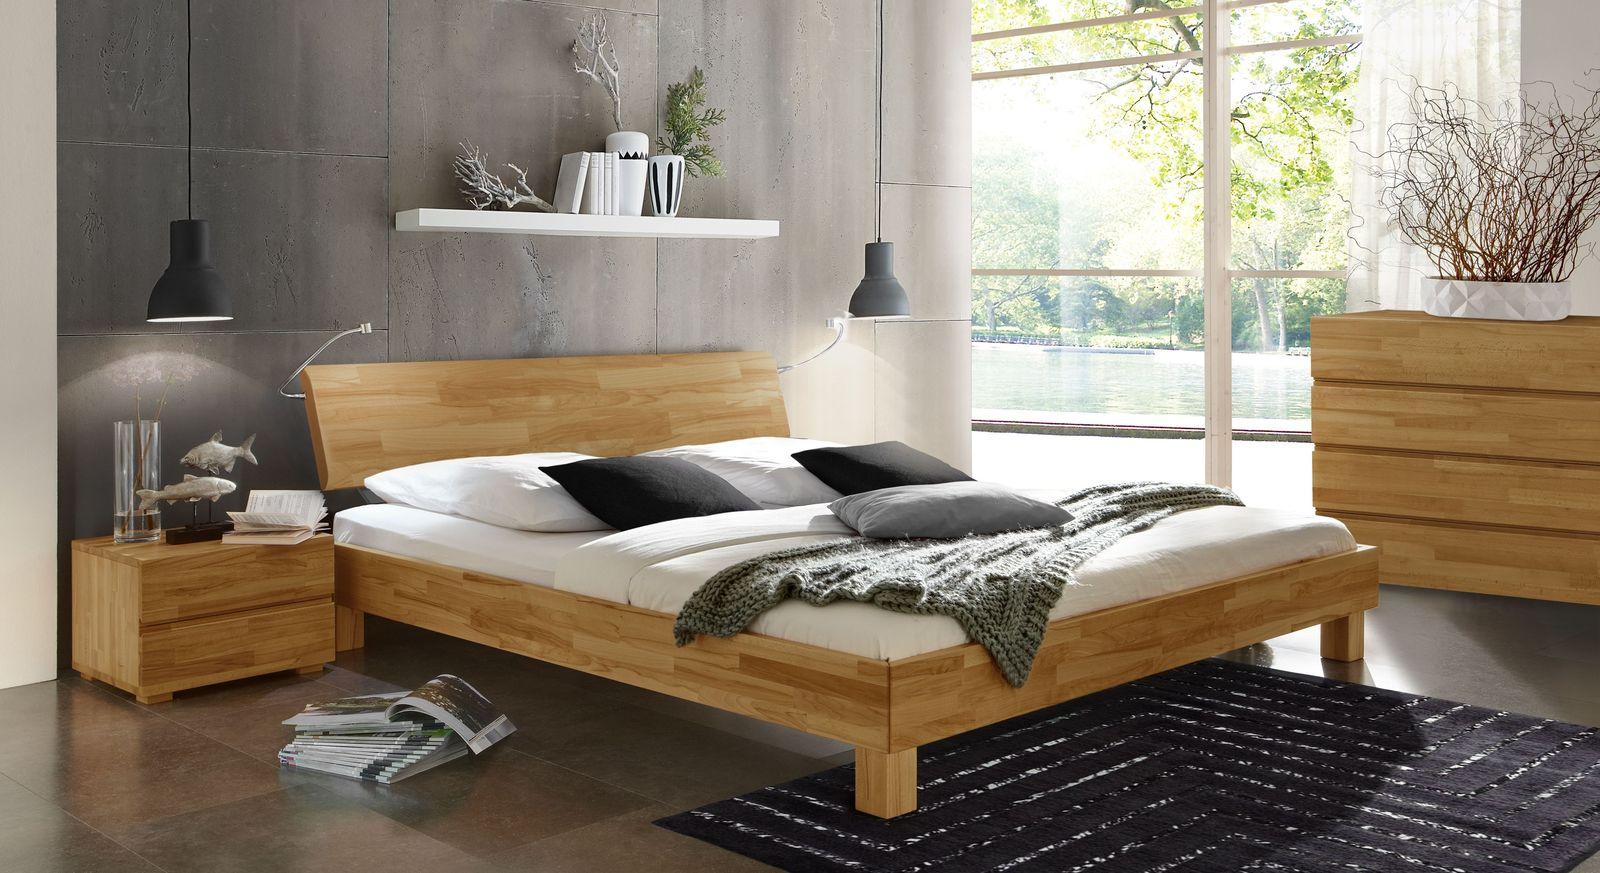 Bett Monza mit passenden Produkten